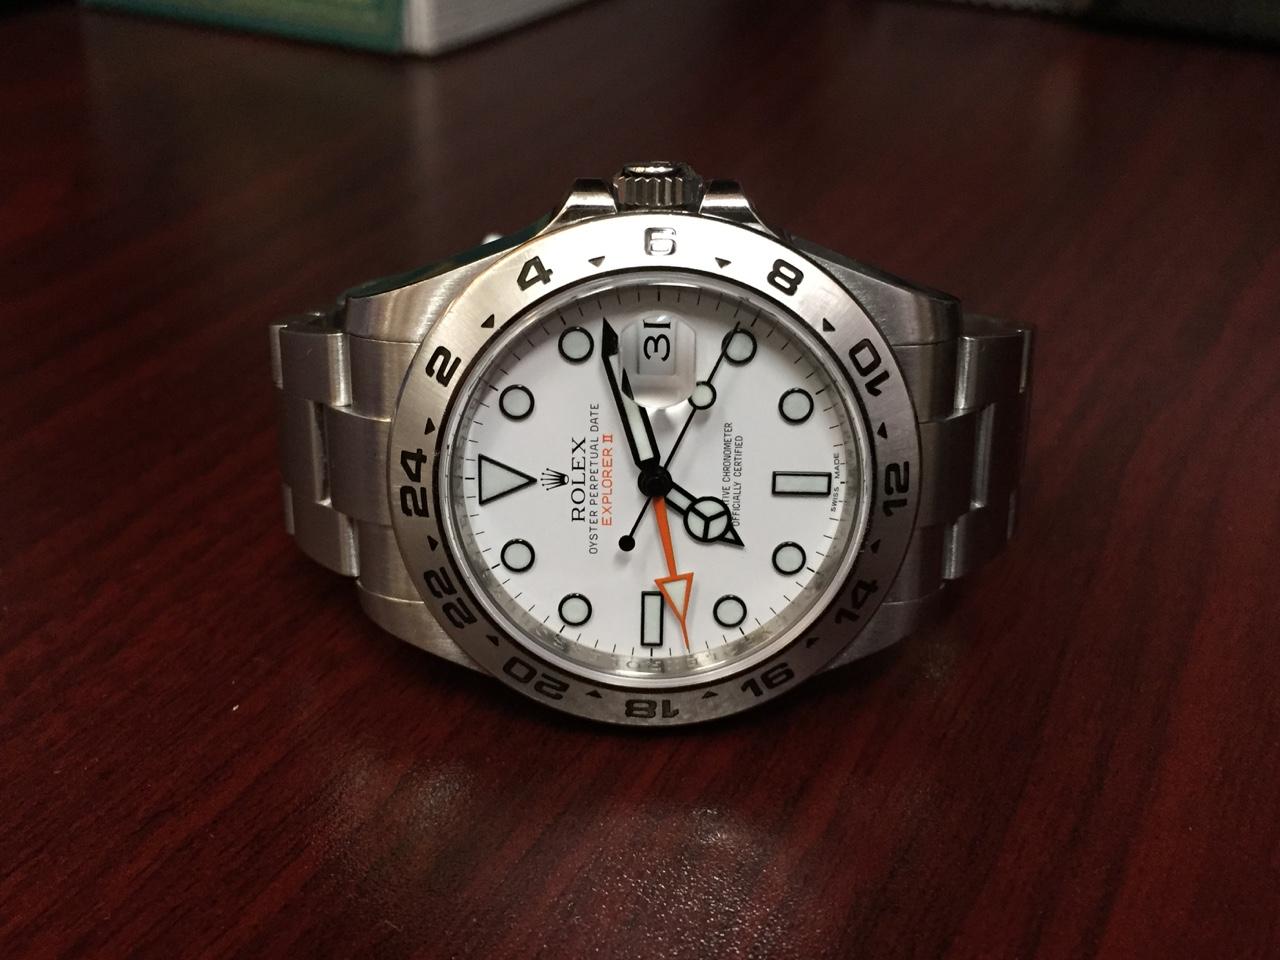 Rolex Explorer II - $6,000